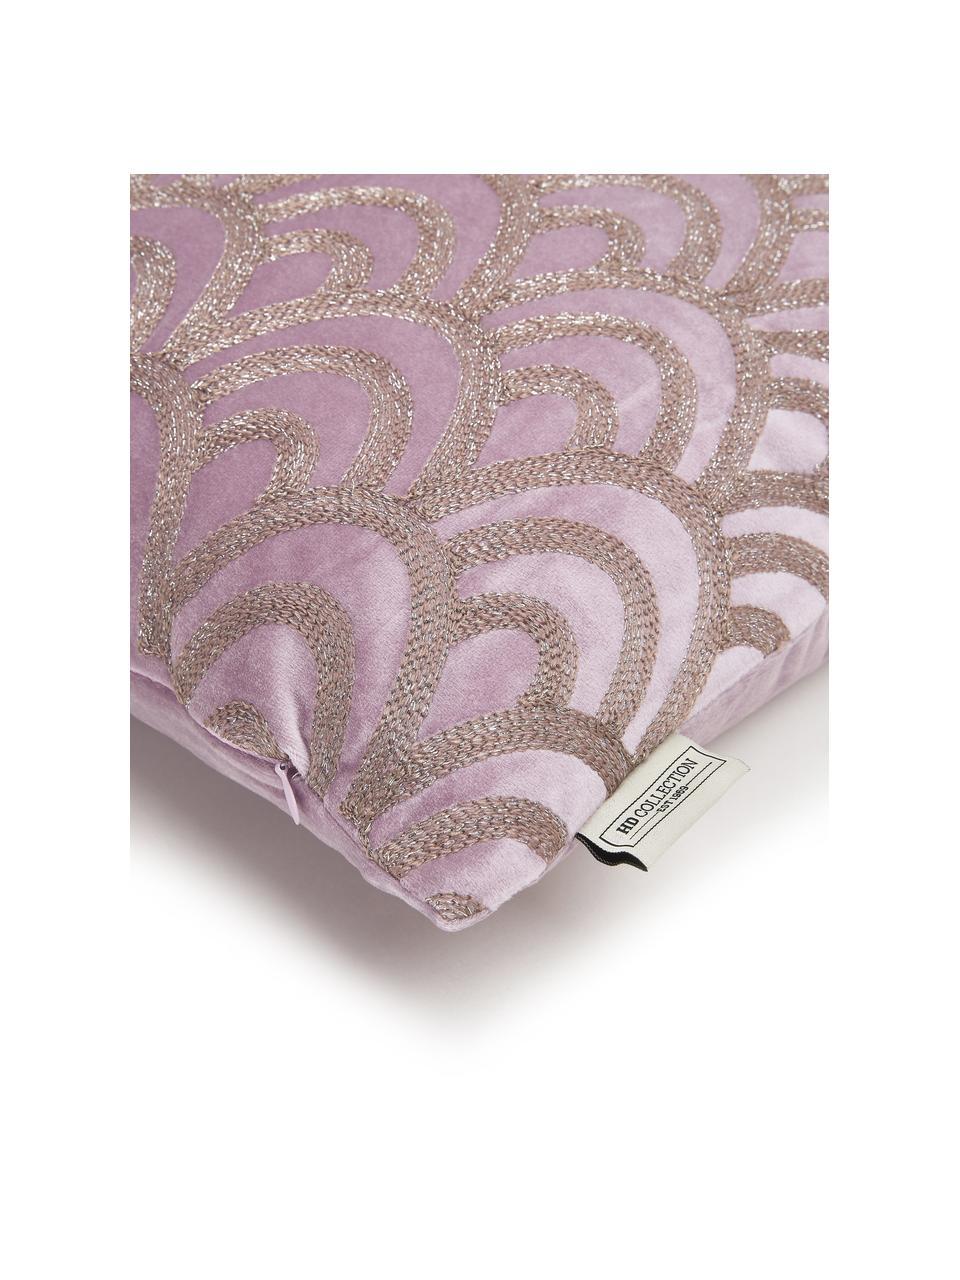 Samt-Kissen Trole mit glänzender Stickerei, mit Inlett, 100% Samt (Polyester), Pink, Silberfarben, 40 x 60 cm